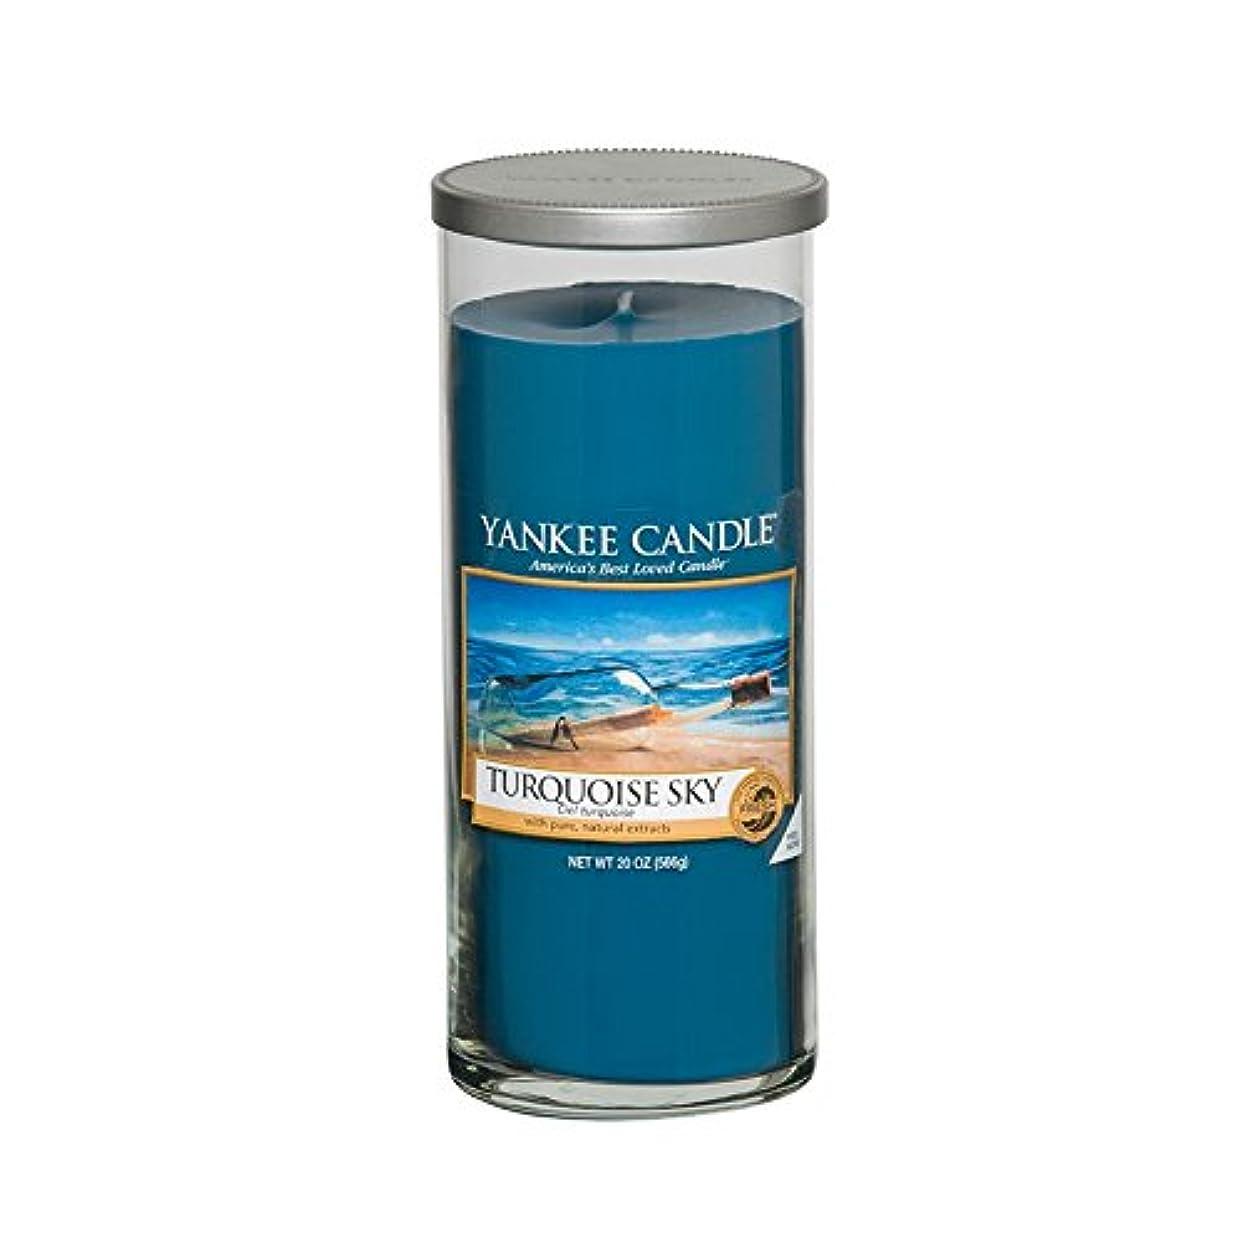 再びナチュラル民主党Yankee Candles Large Pillar Candle - Turquoise Sky (Pack of 6) - ヤンキーキャンドル大きな柱キャンドル - ターコイズの空 (x6) [並行輸入品]